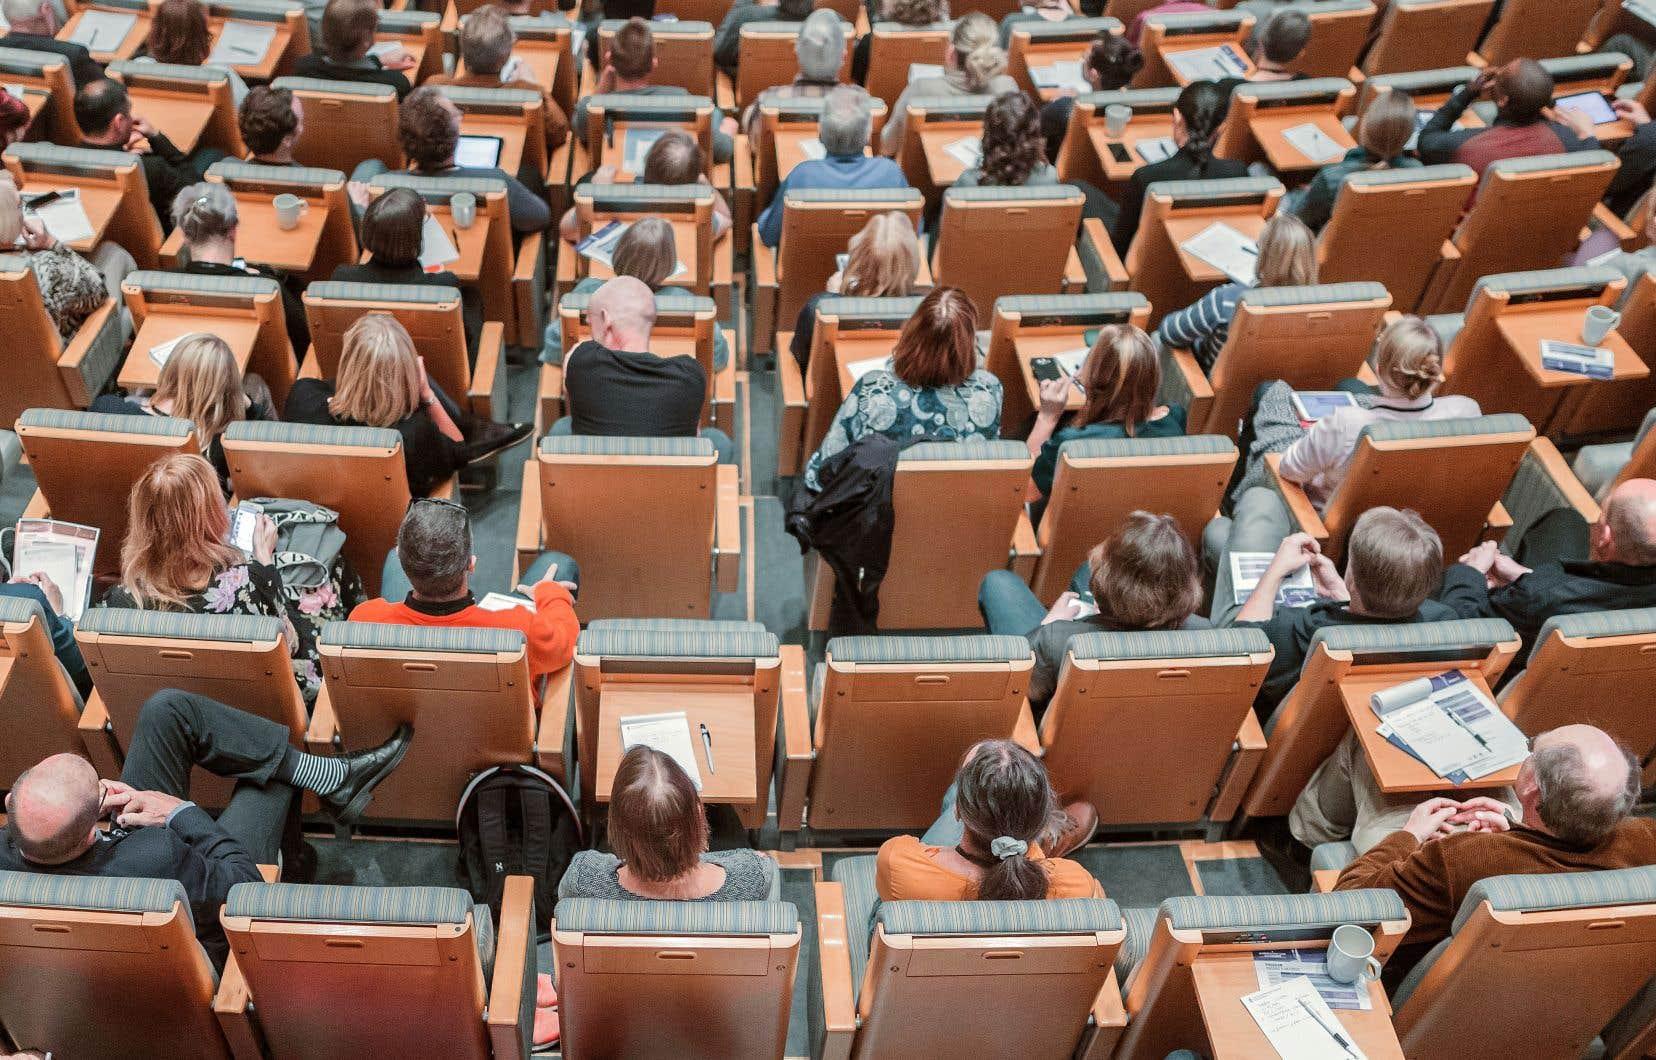 «La contestation de la légitimité des institutions a été renforcée à l'école par le courant pédagogique contemporain et son interprétation de tout cadre institutionnel comme contrainte inacceptable», estime l'auteur.